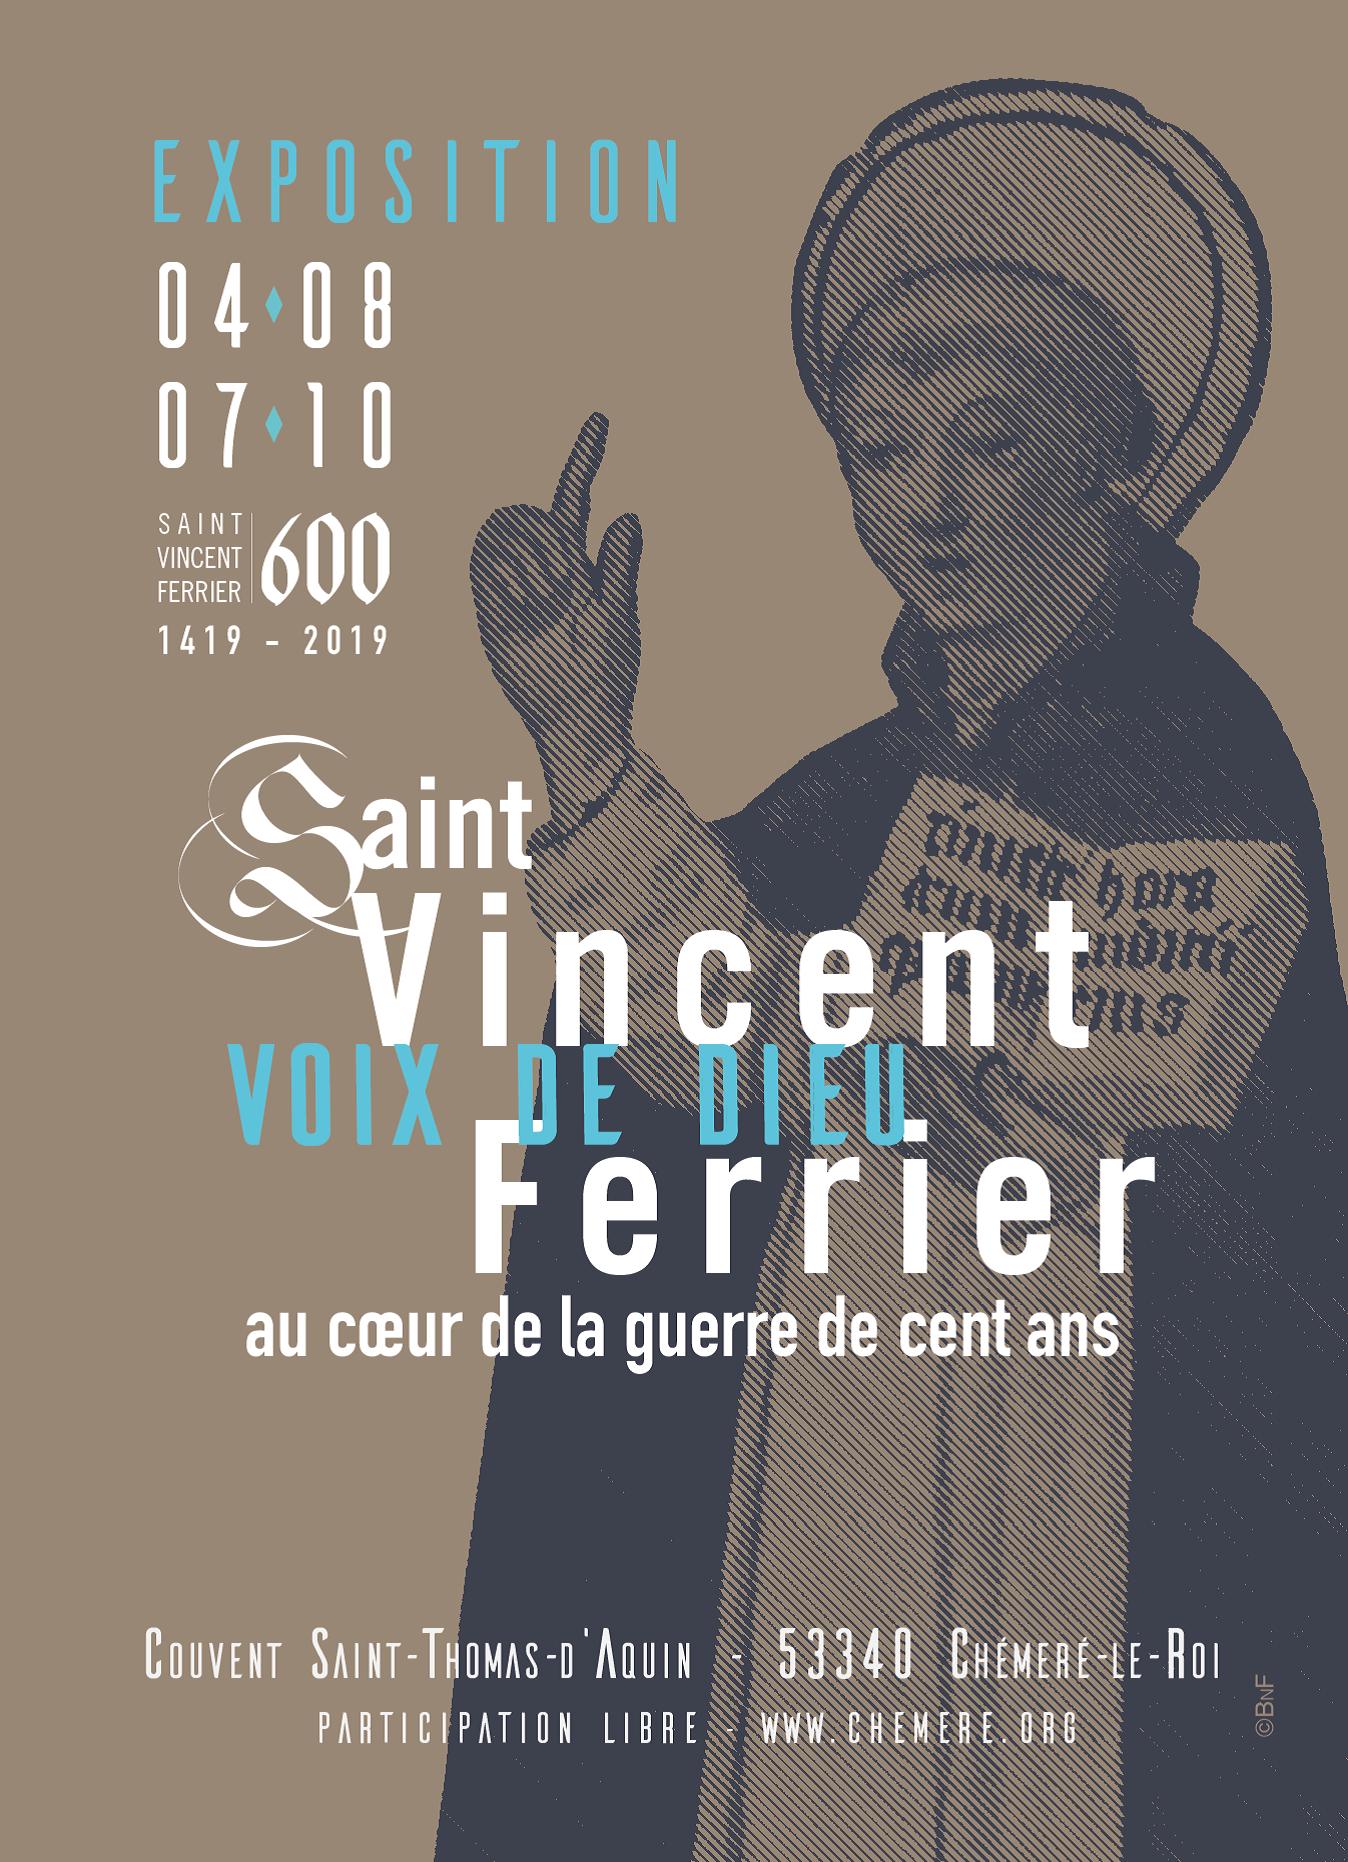 Expo Saint Vincent Ferrier - 4 août - 7 oct 2019.png